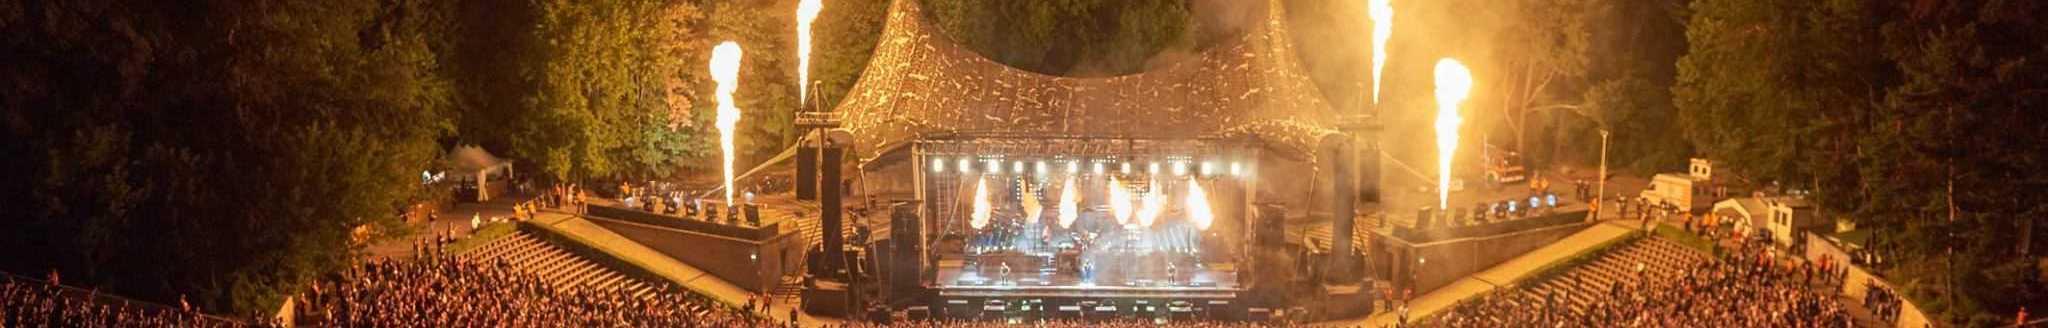 Rammstein中国乐迷网 banner